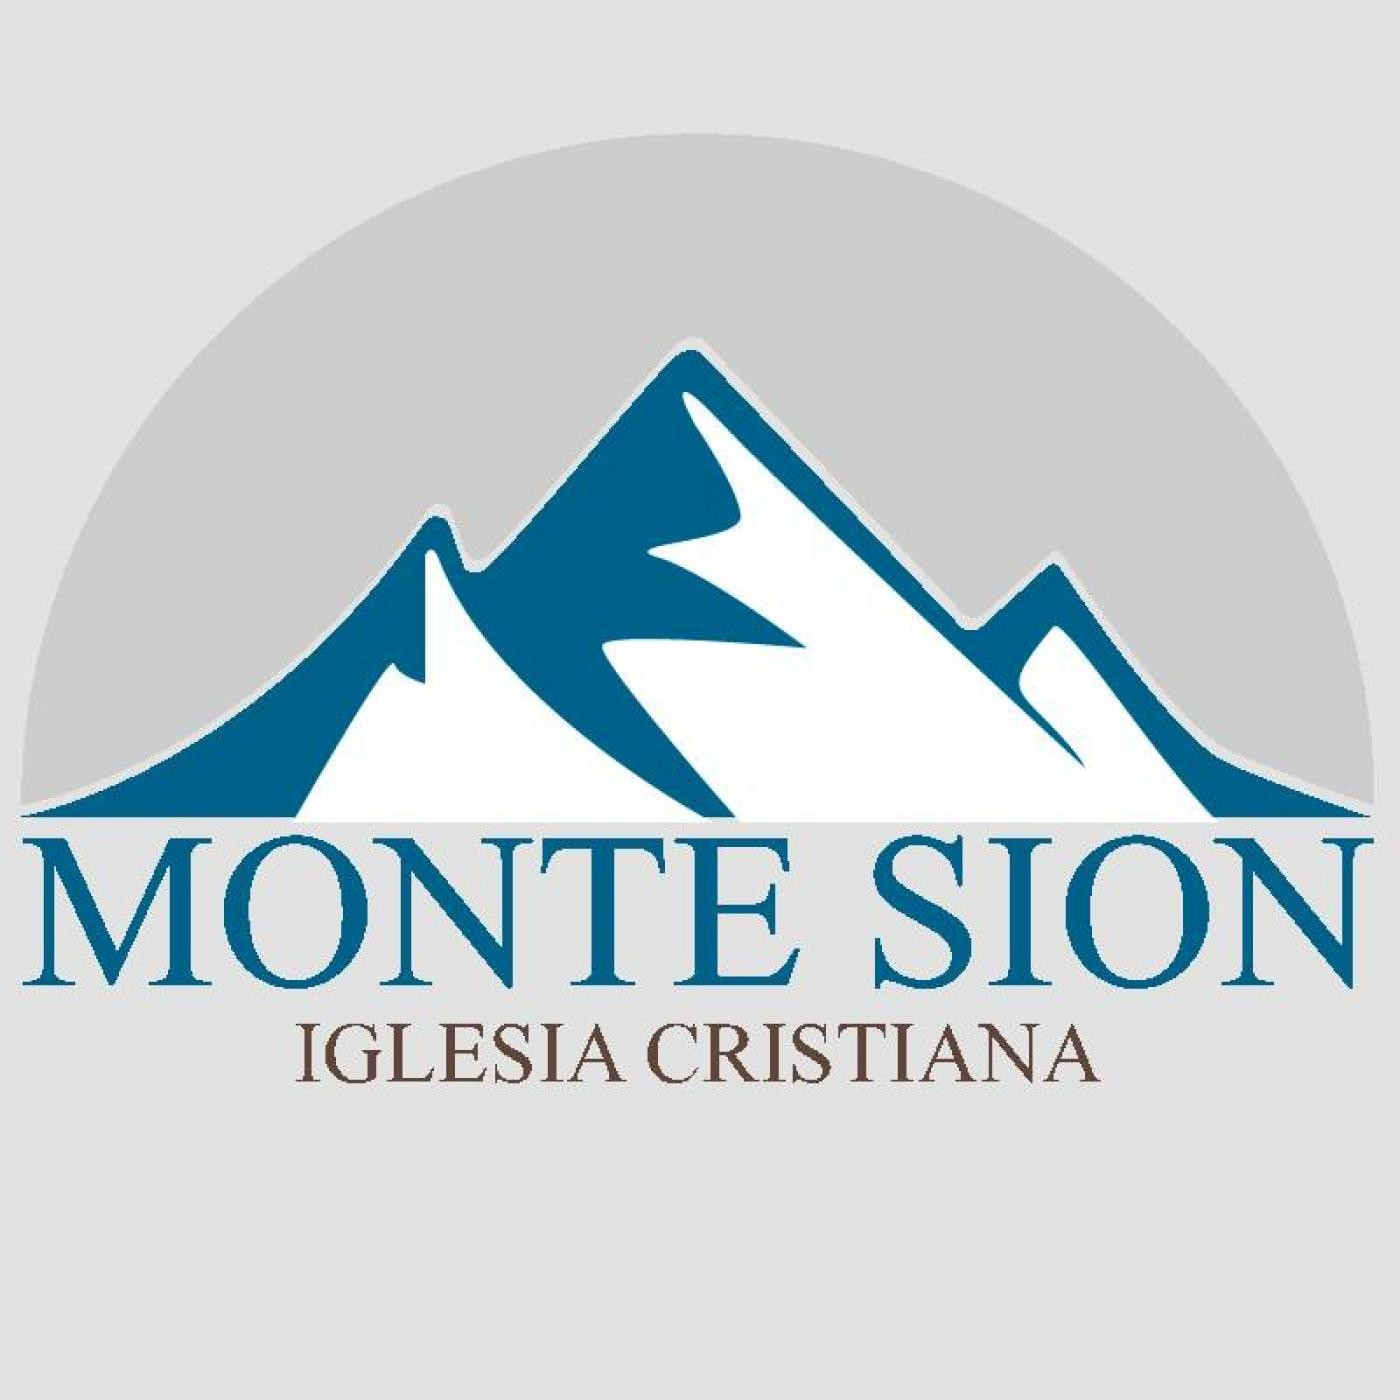 <![CDATA[Iglesia Cristiana Monte Sion]]>